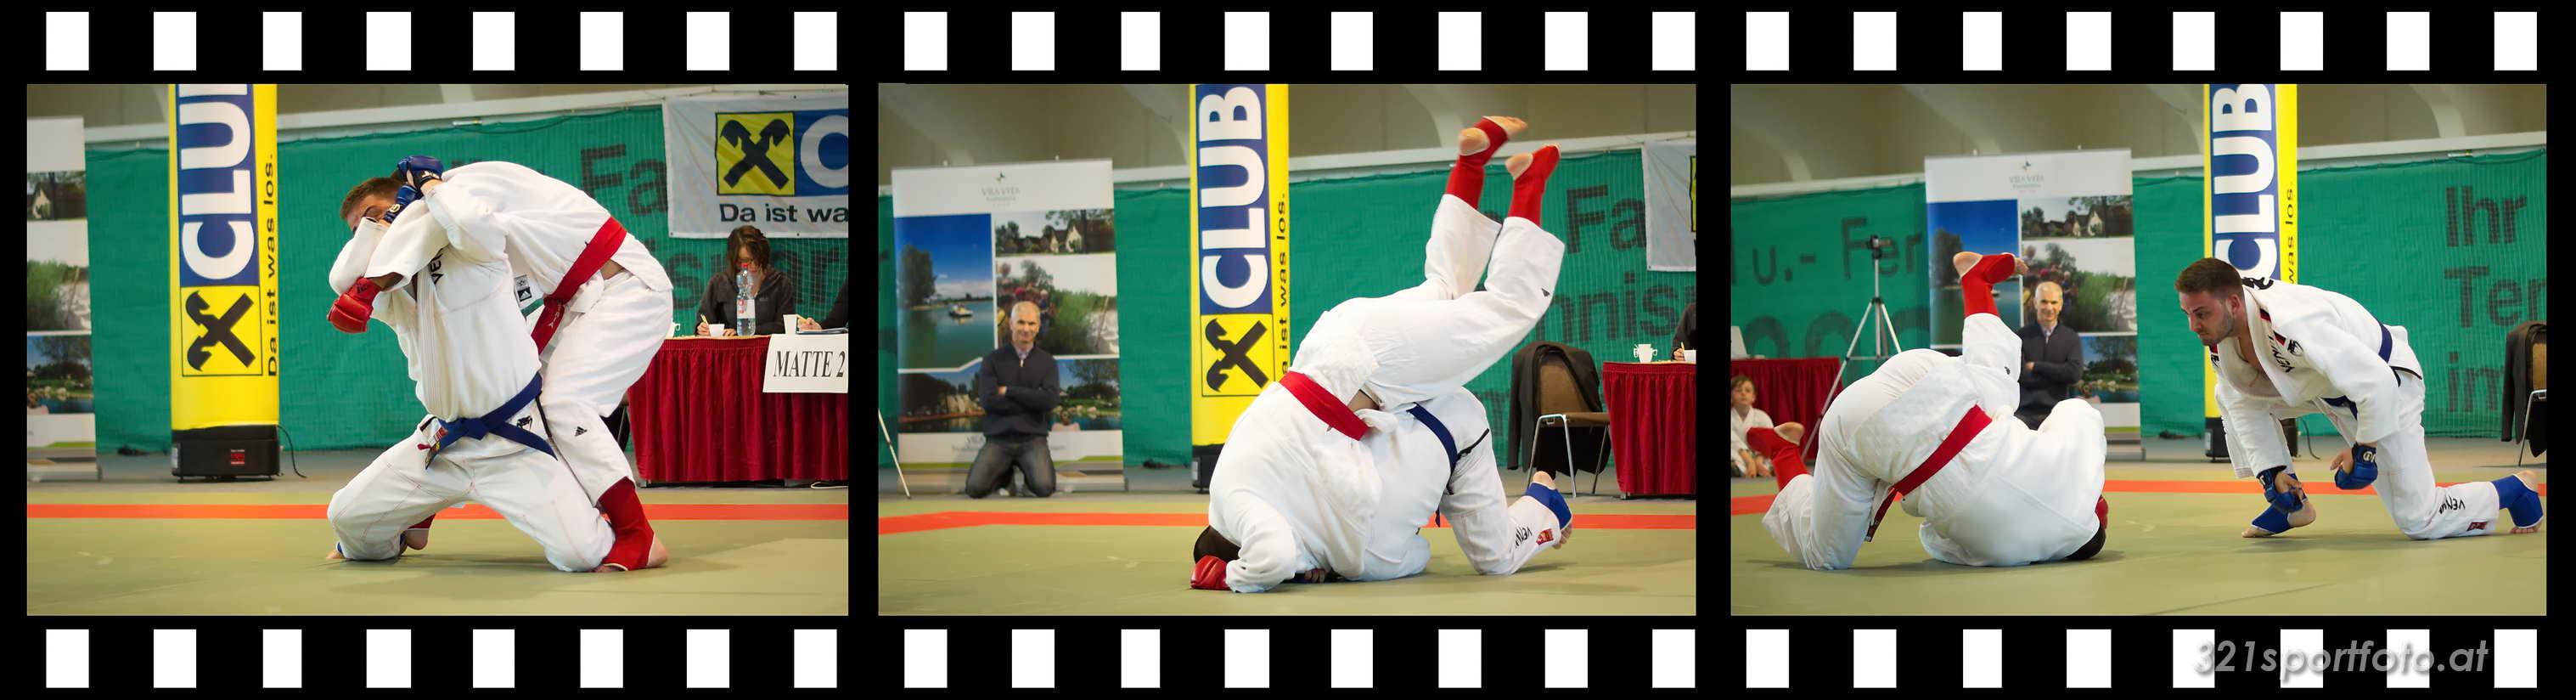 PS 2015-03-22 10-53-40 Film